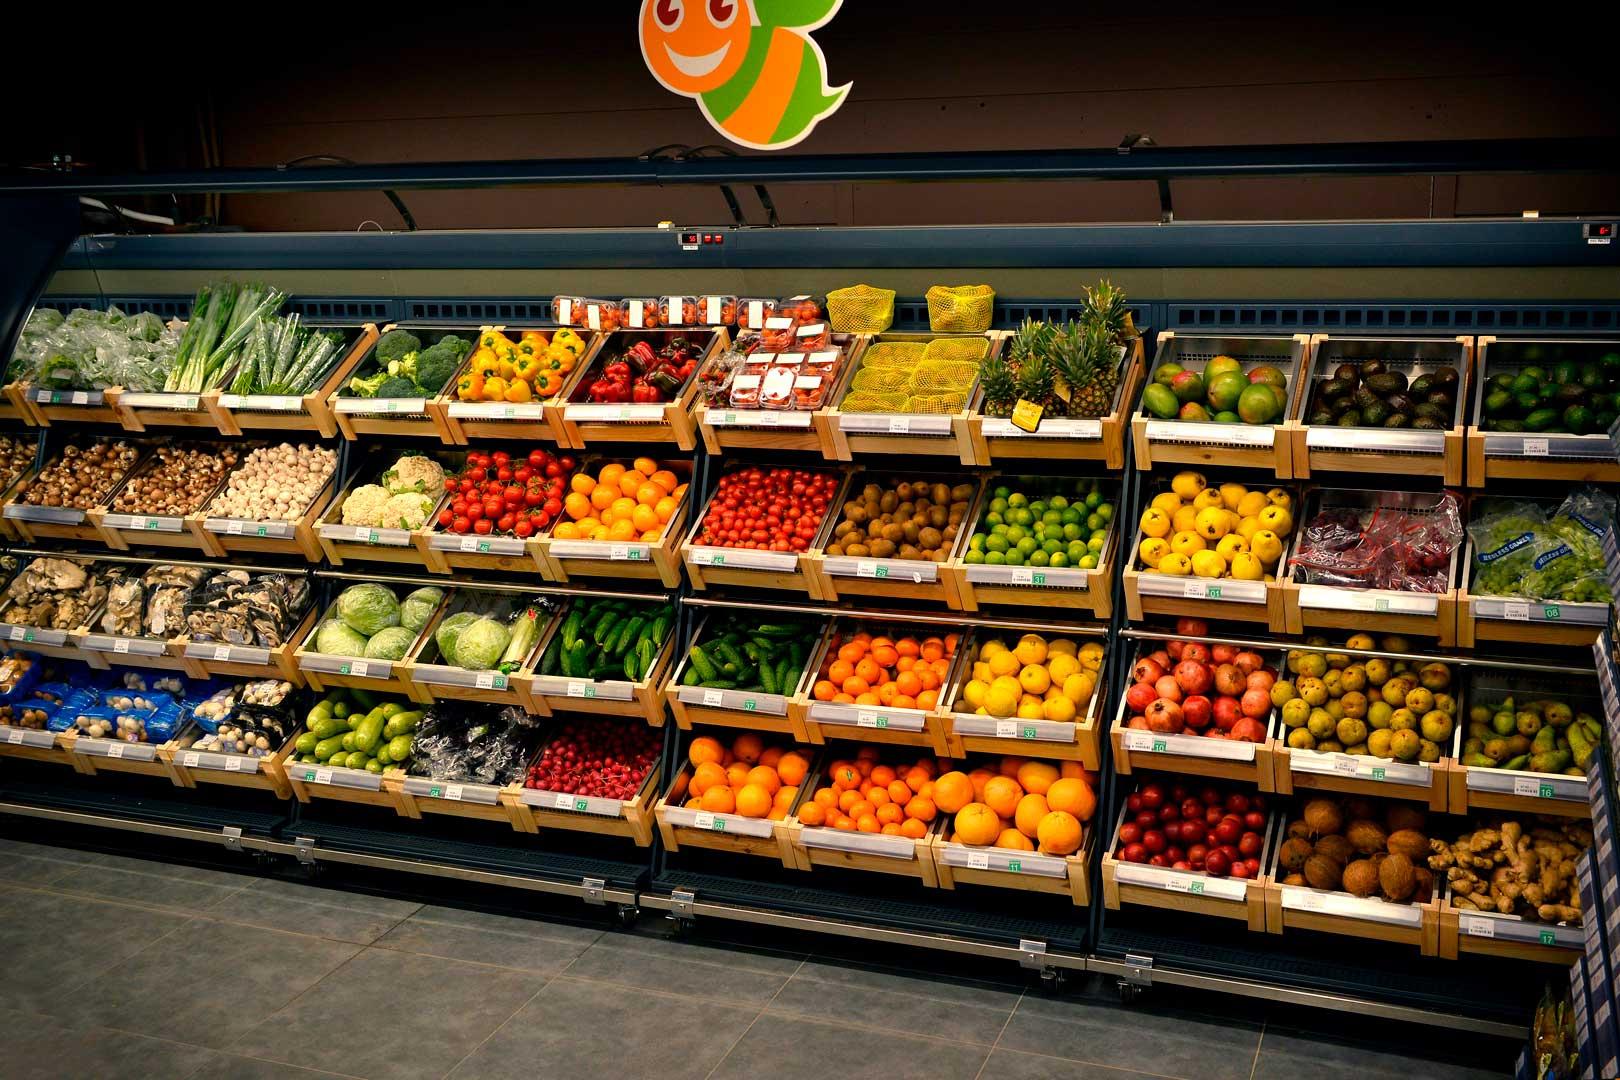 """Lady chłodnicze przeznaczone do owoców i warzyw Louisiana VF MV 110 VF O 180-DLM, supermarket """"Pchyolka-market"""""""